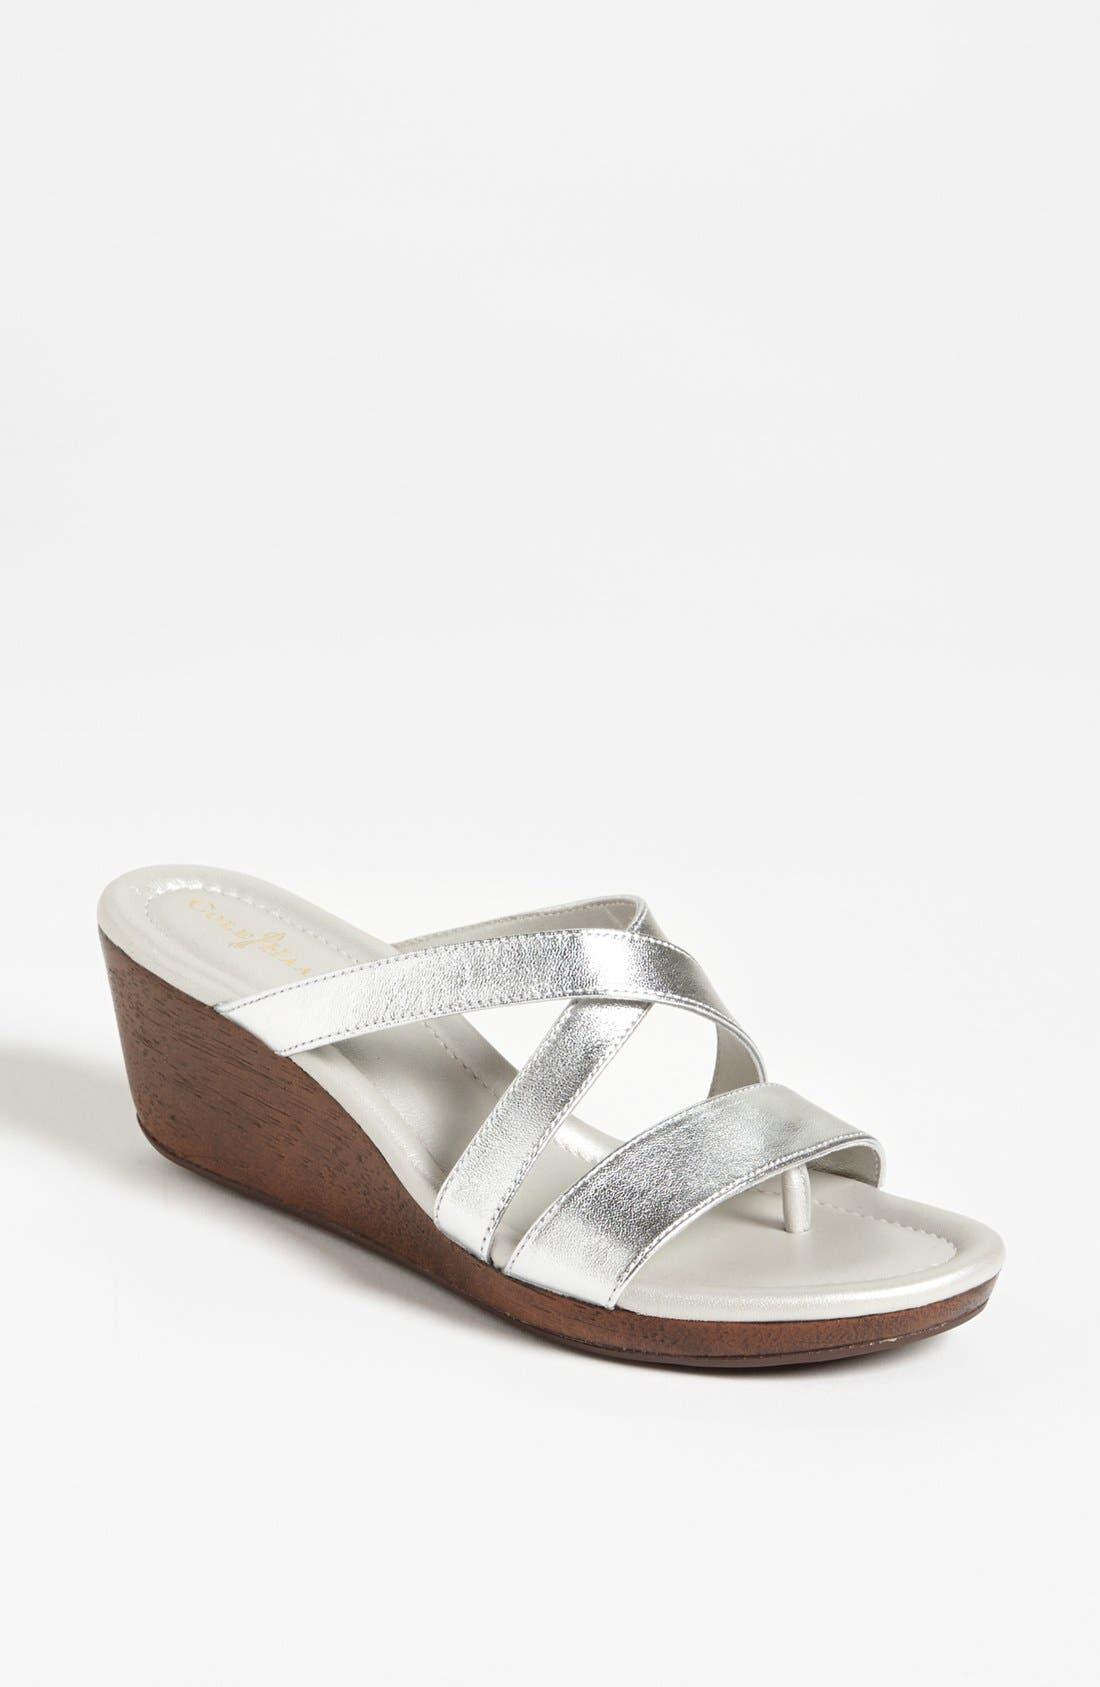 Main Image - Cole Haan 'Suzette' Sandal